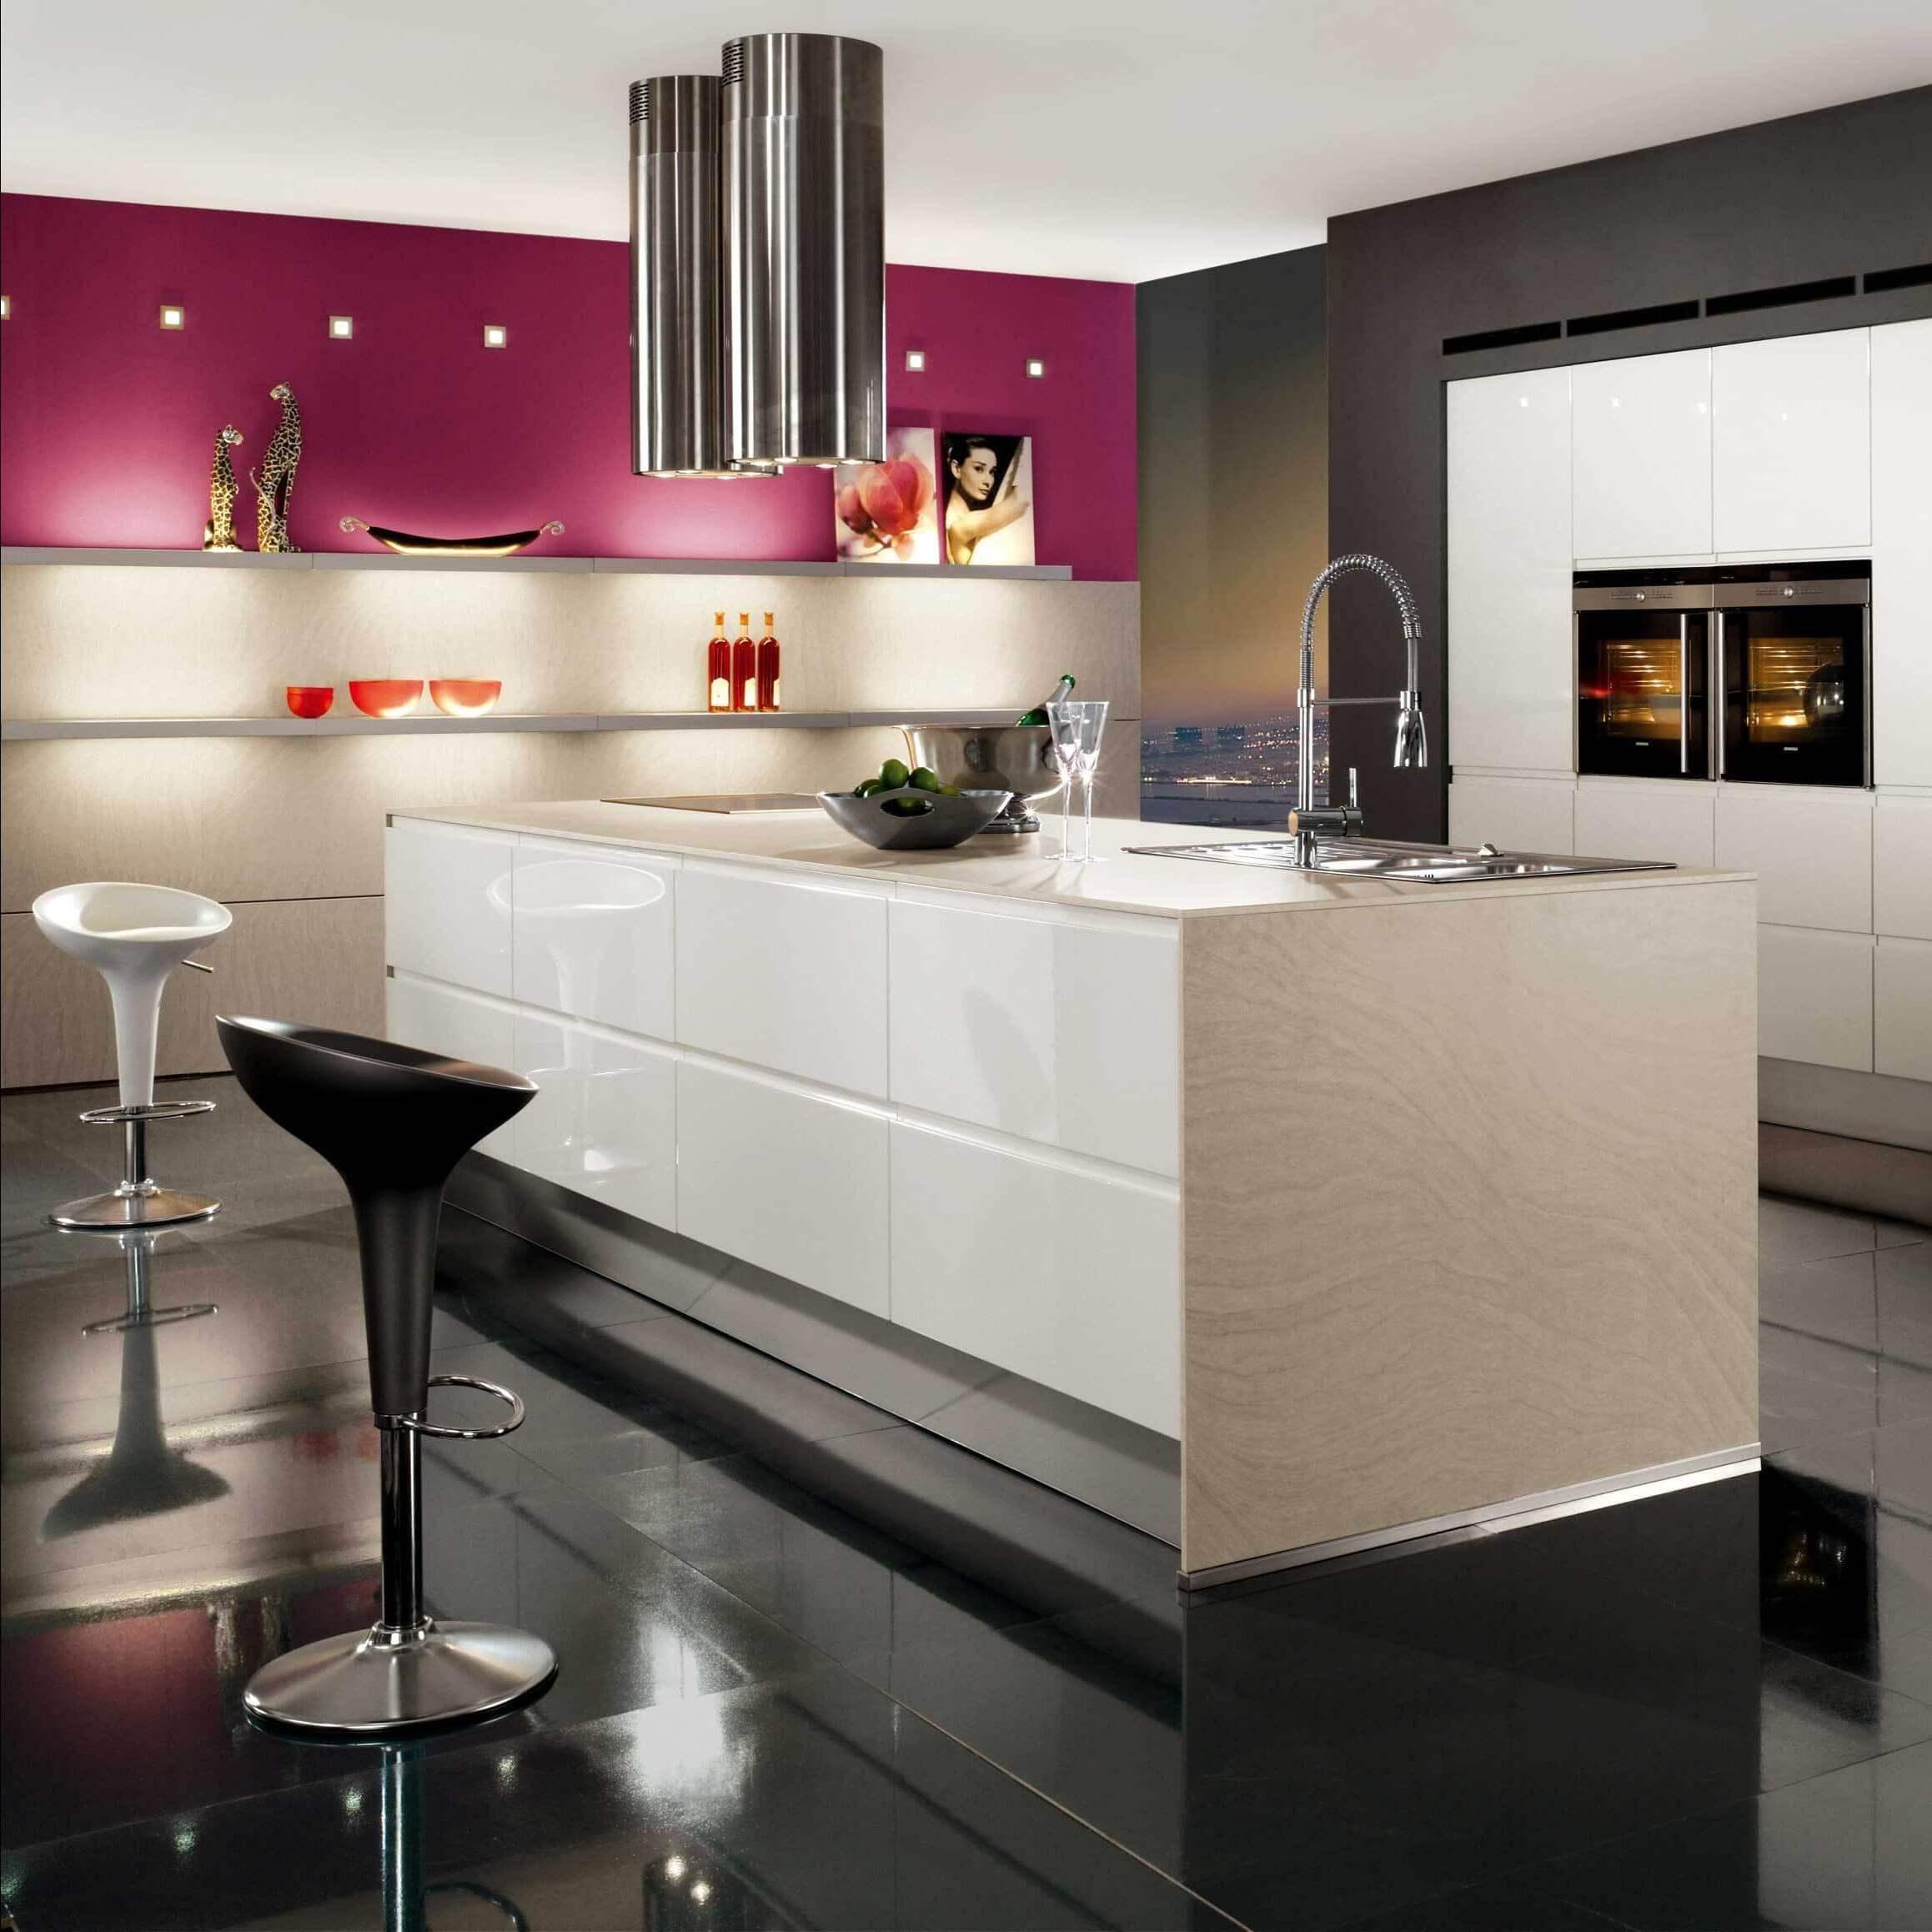 Фото кухонь розового цвета фотосессия